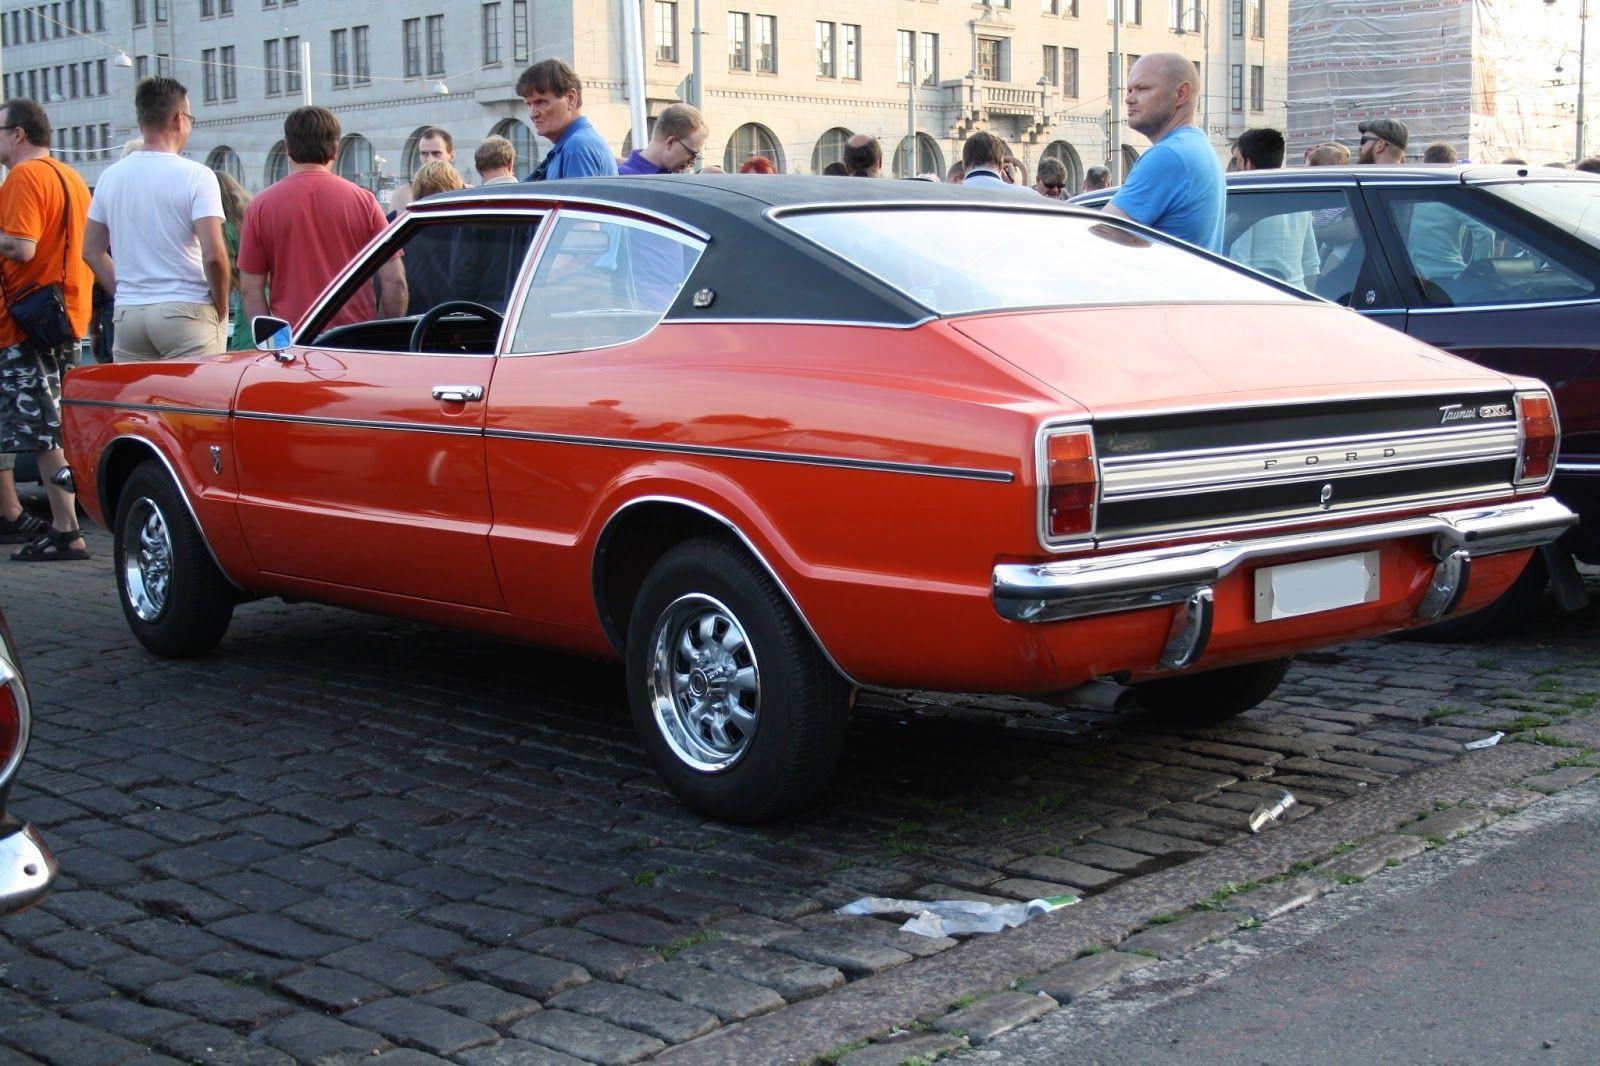 Taunus Xl Coupe 1975